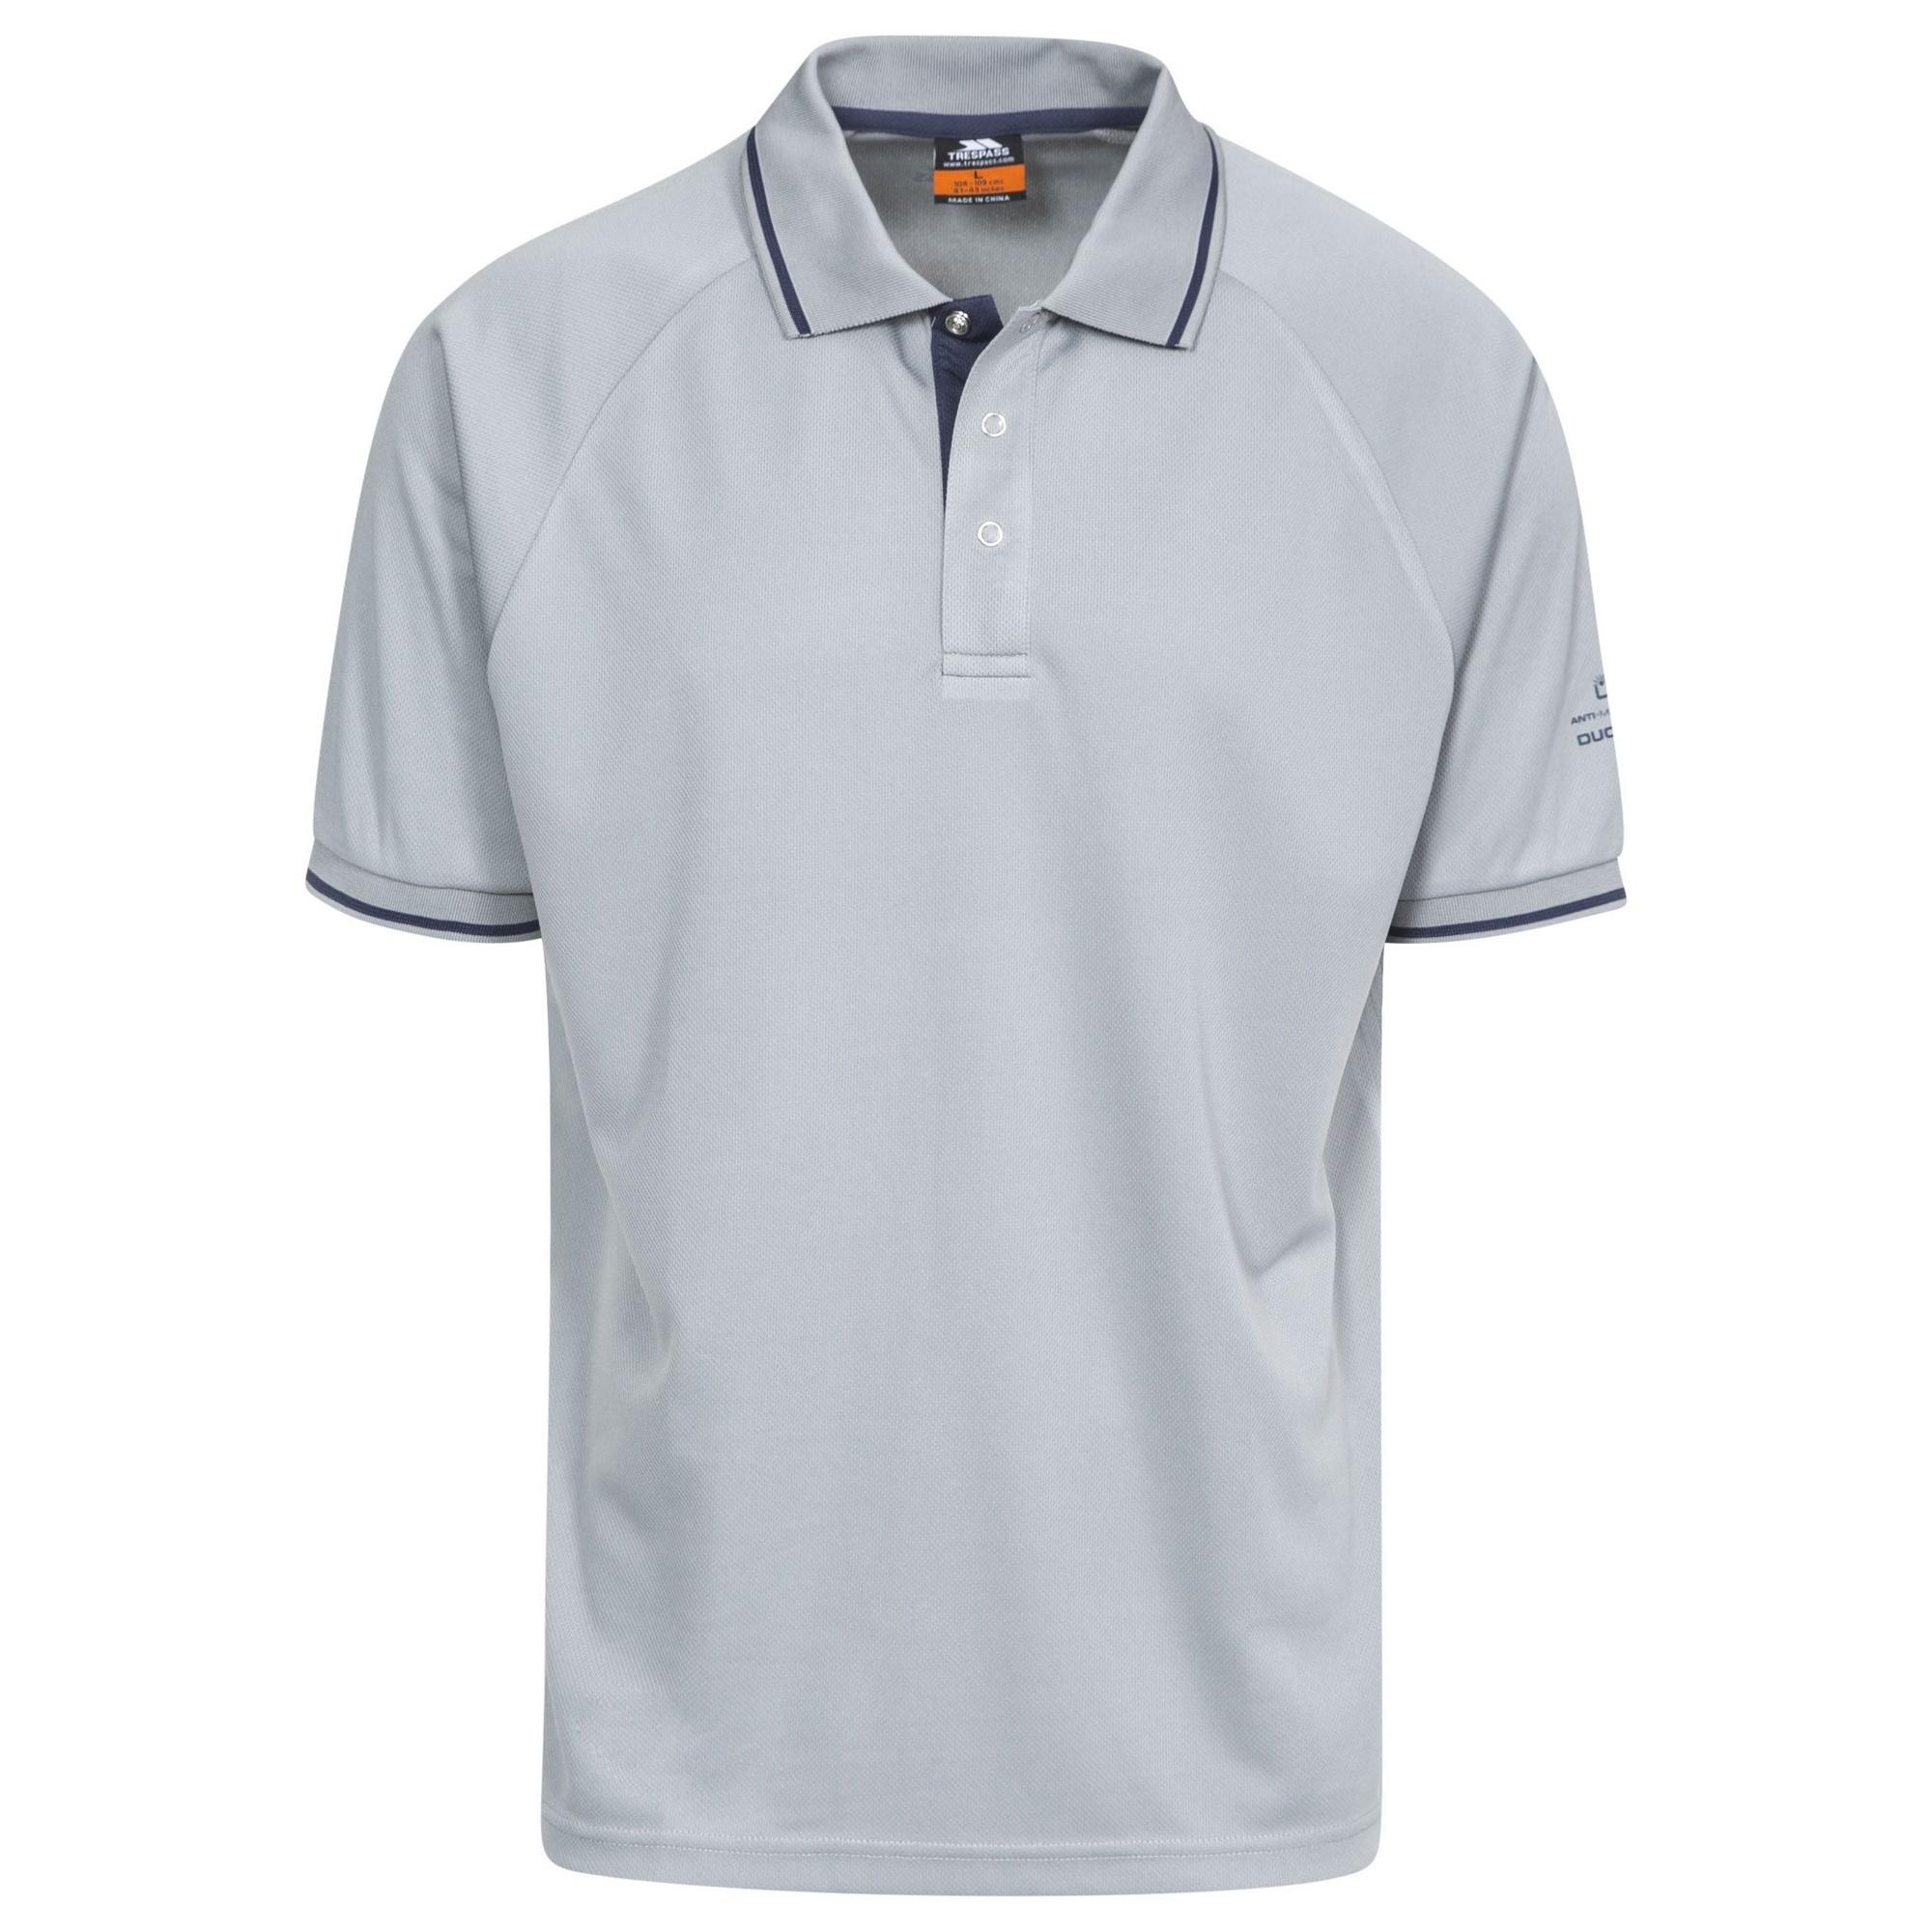 Trespass-Bonington-Polo-sport-a-manches-courtes-Homme-TP2931 miniature 19